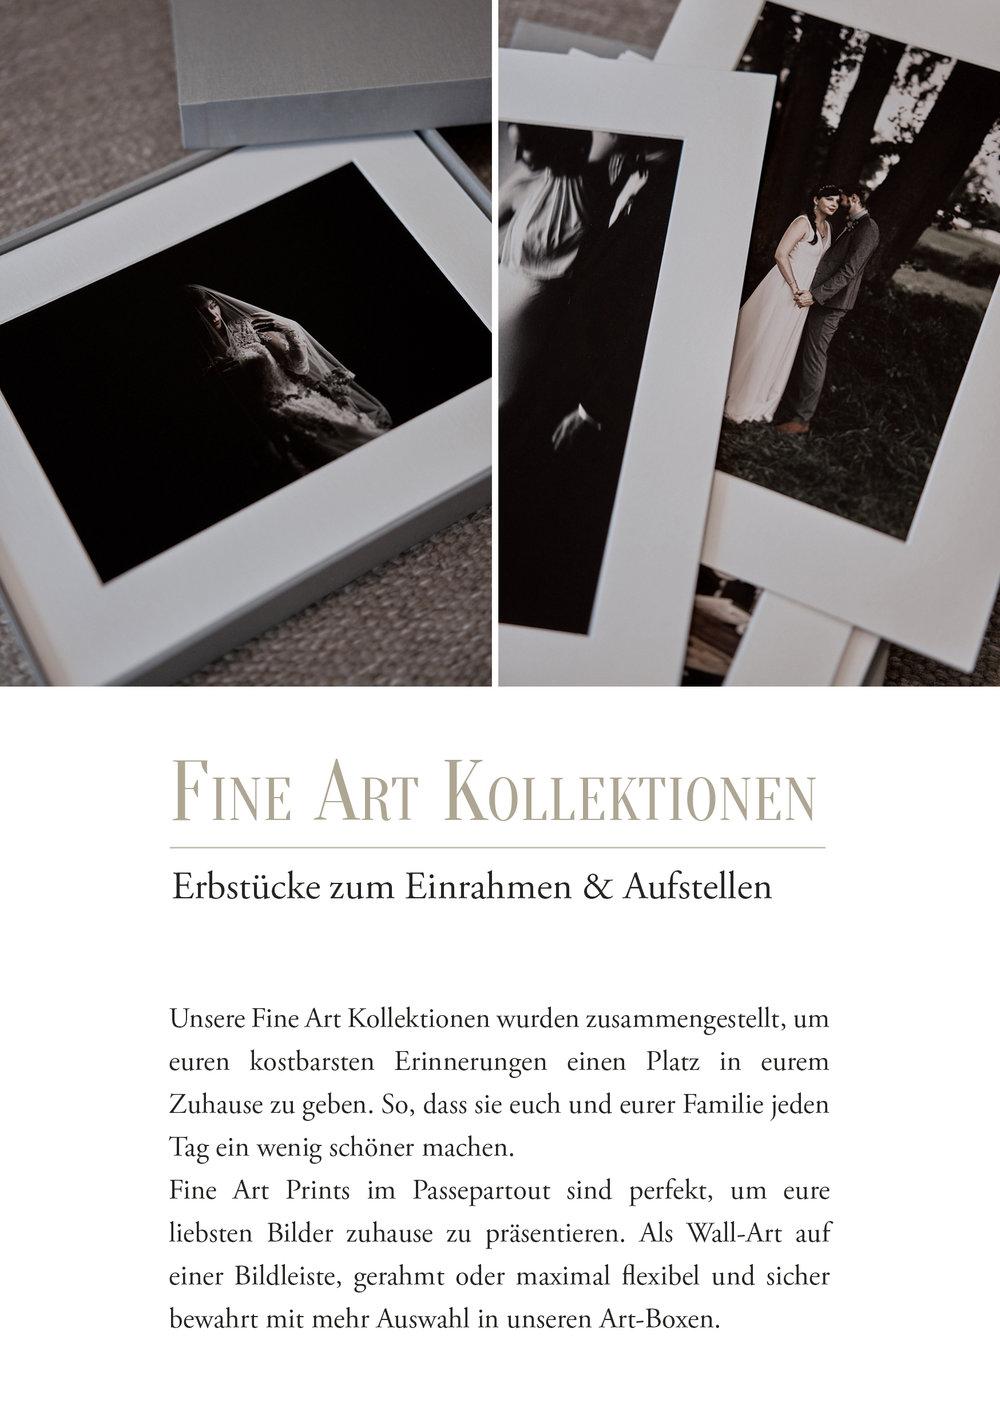 FineArtPrints_Preise_S2.jpg